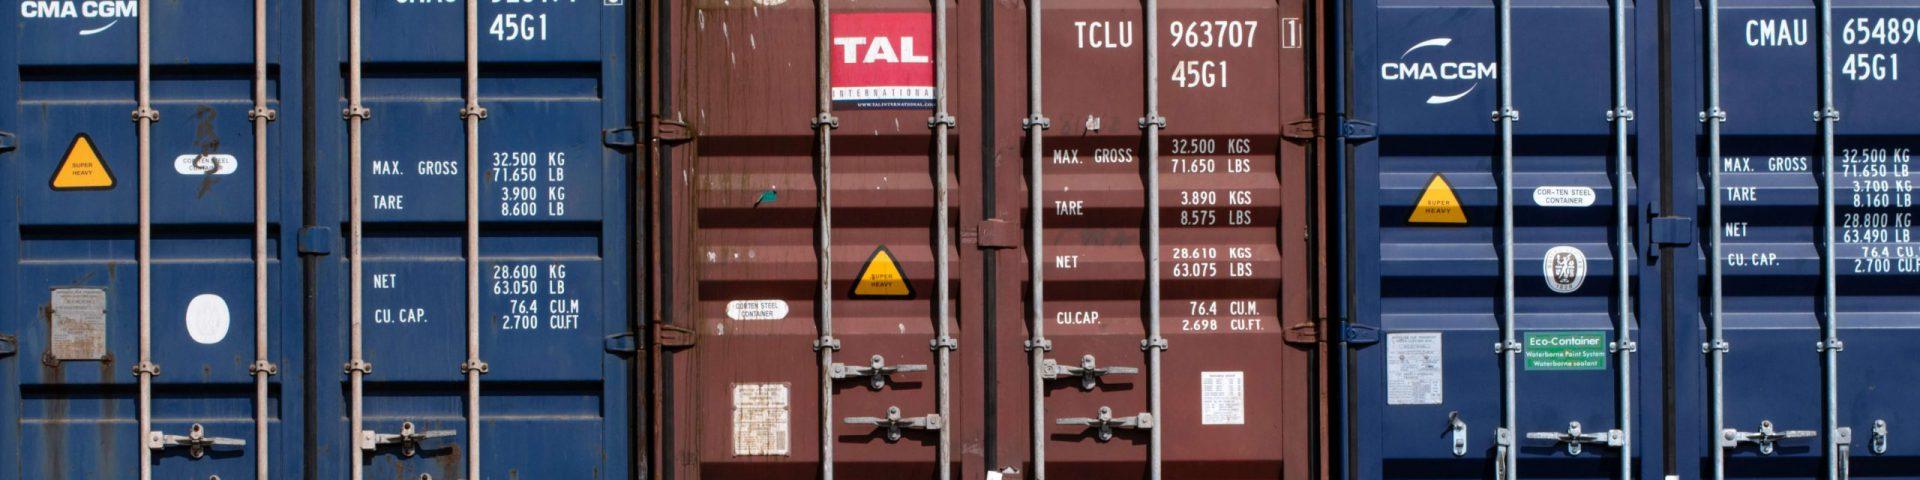 Shipping Cargo Crates